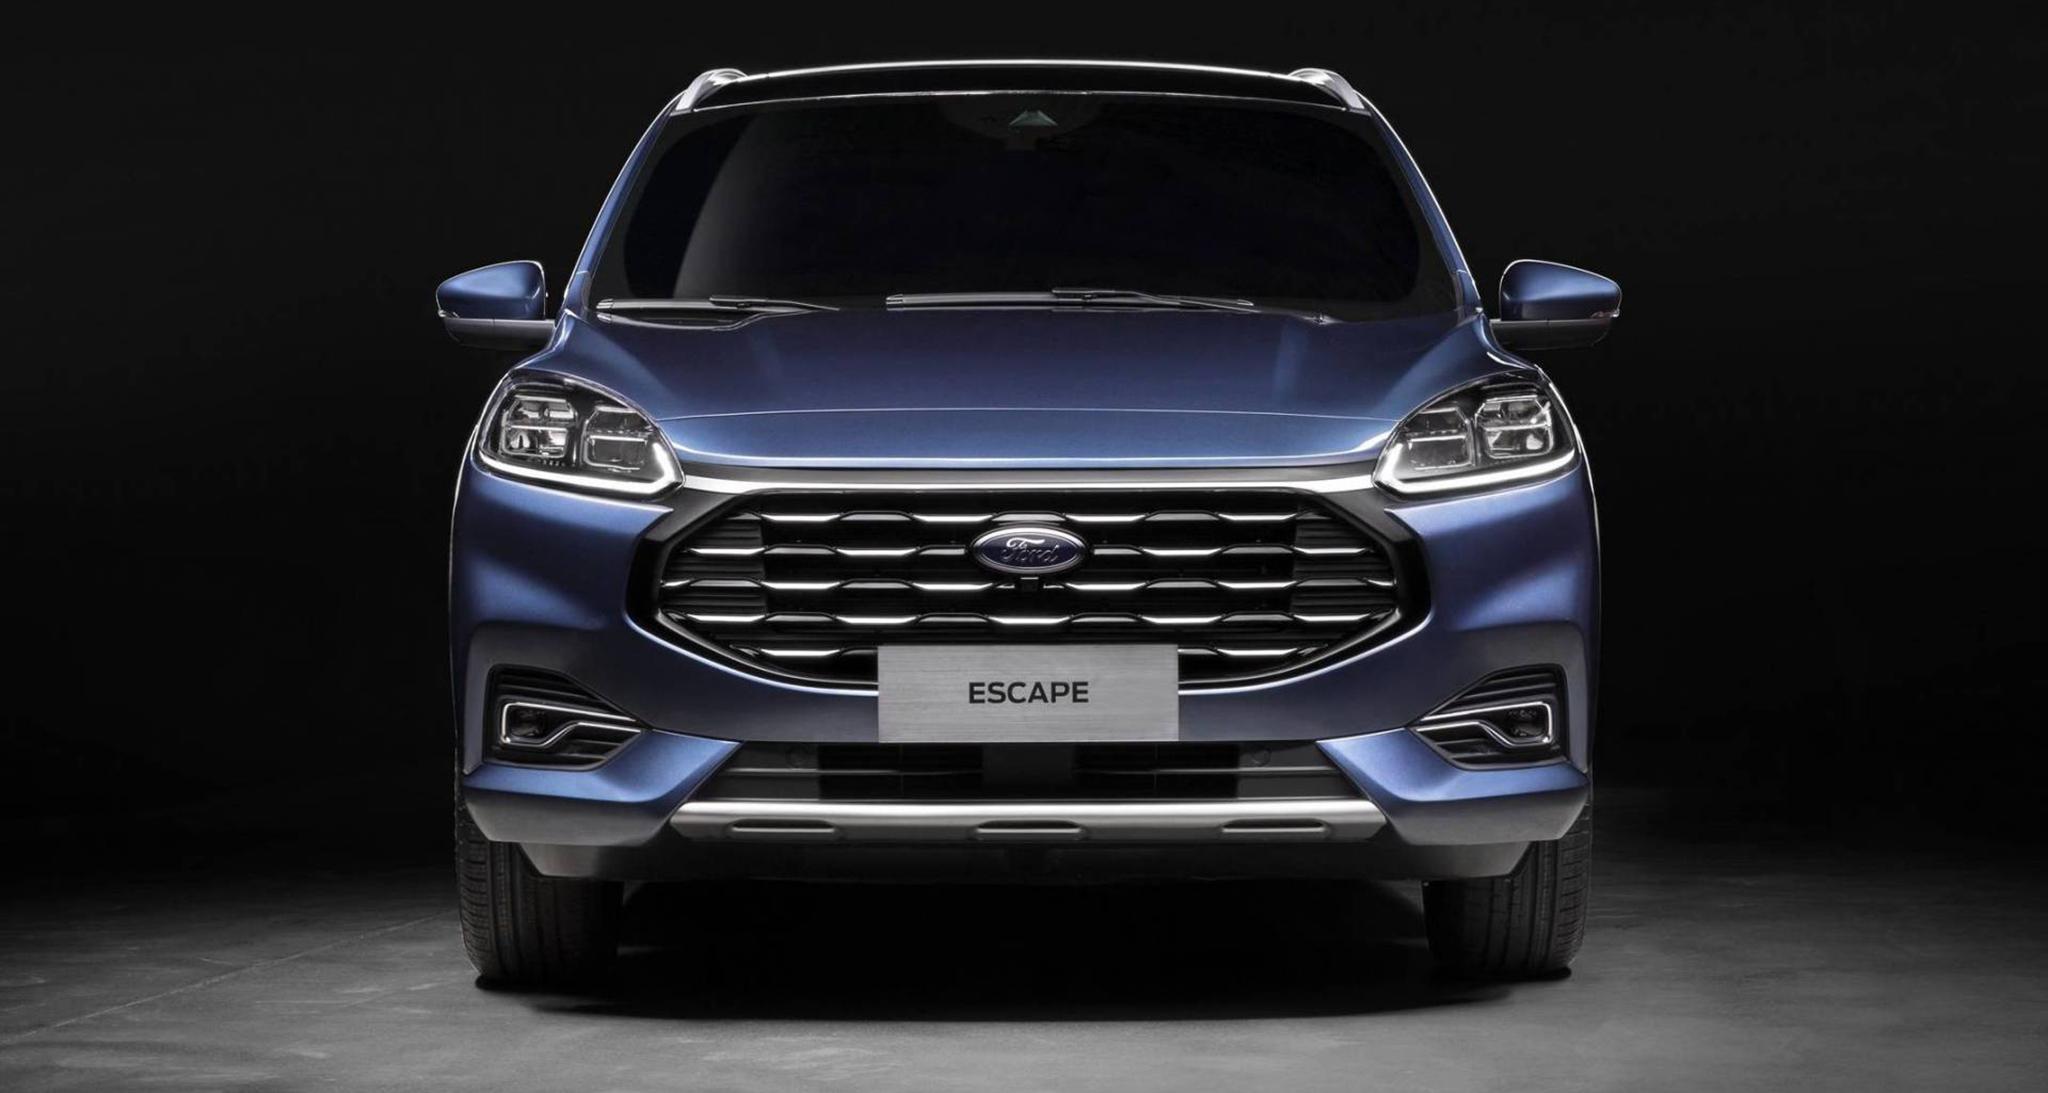 Ford Escape 2020 dành cho thị trường Trung Quốc sở hữu ngoại hình cực ngầu